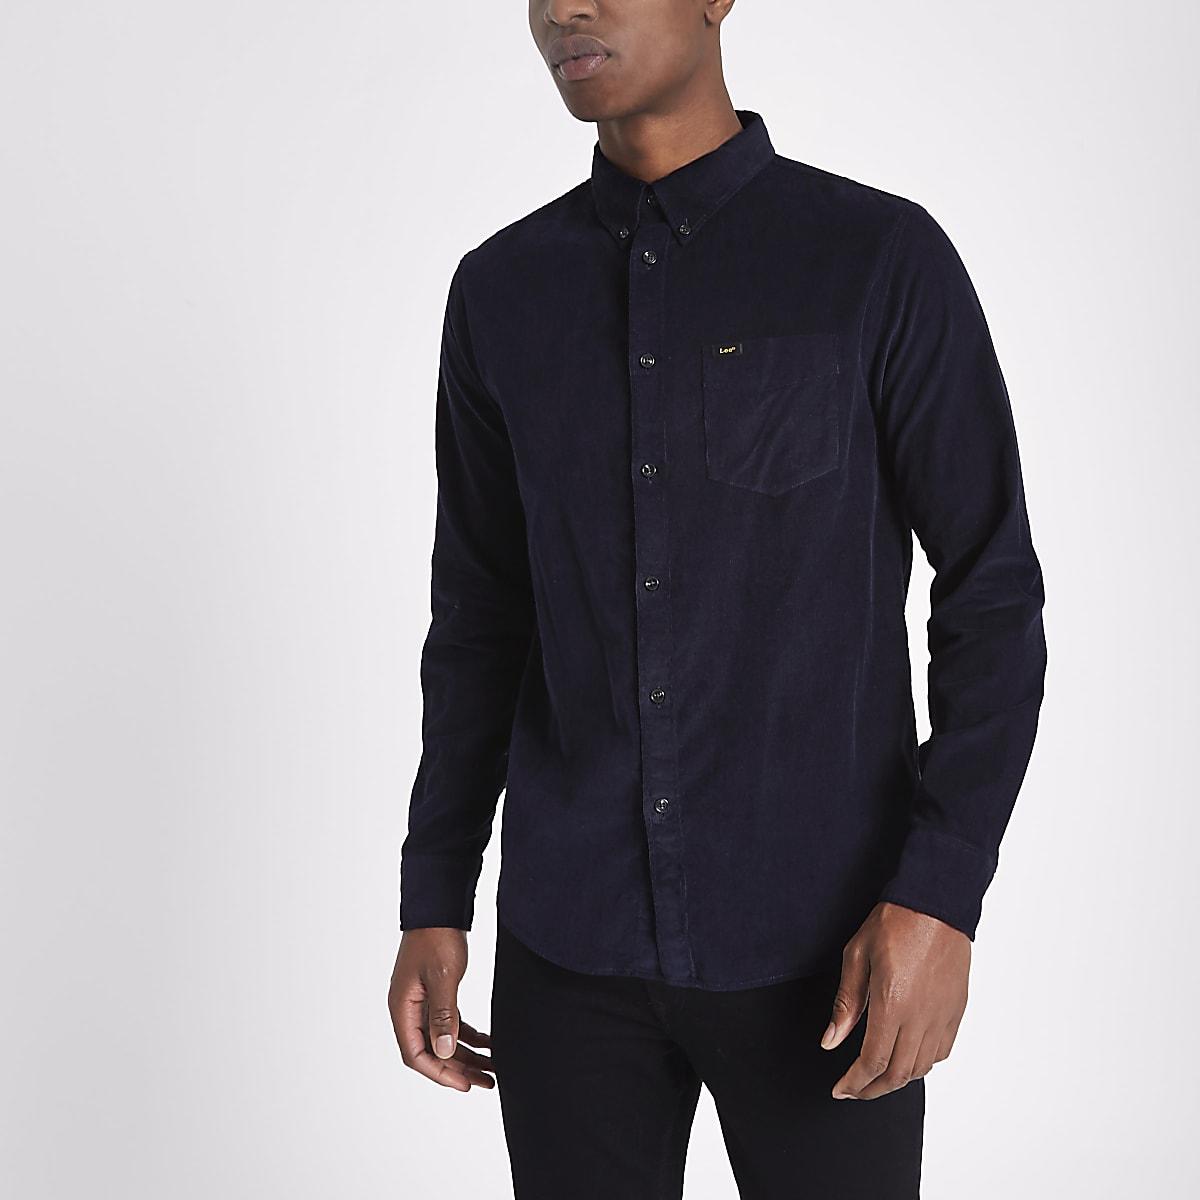 d1efb755aa7404 Lee navy cord button-down Oxford shirt - Long Sleeve Shirts - Shirts - men